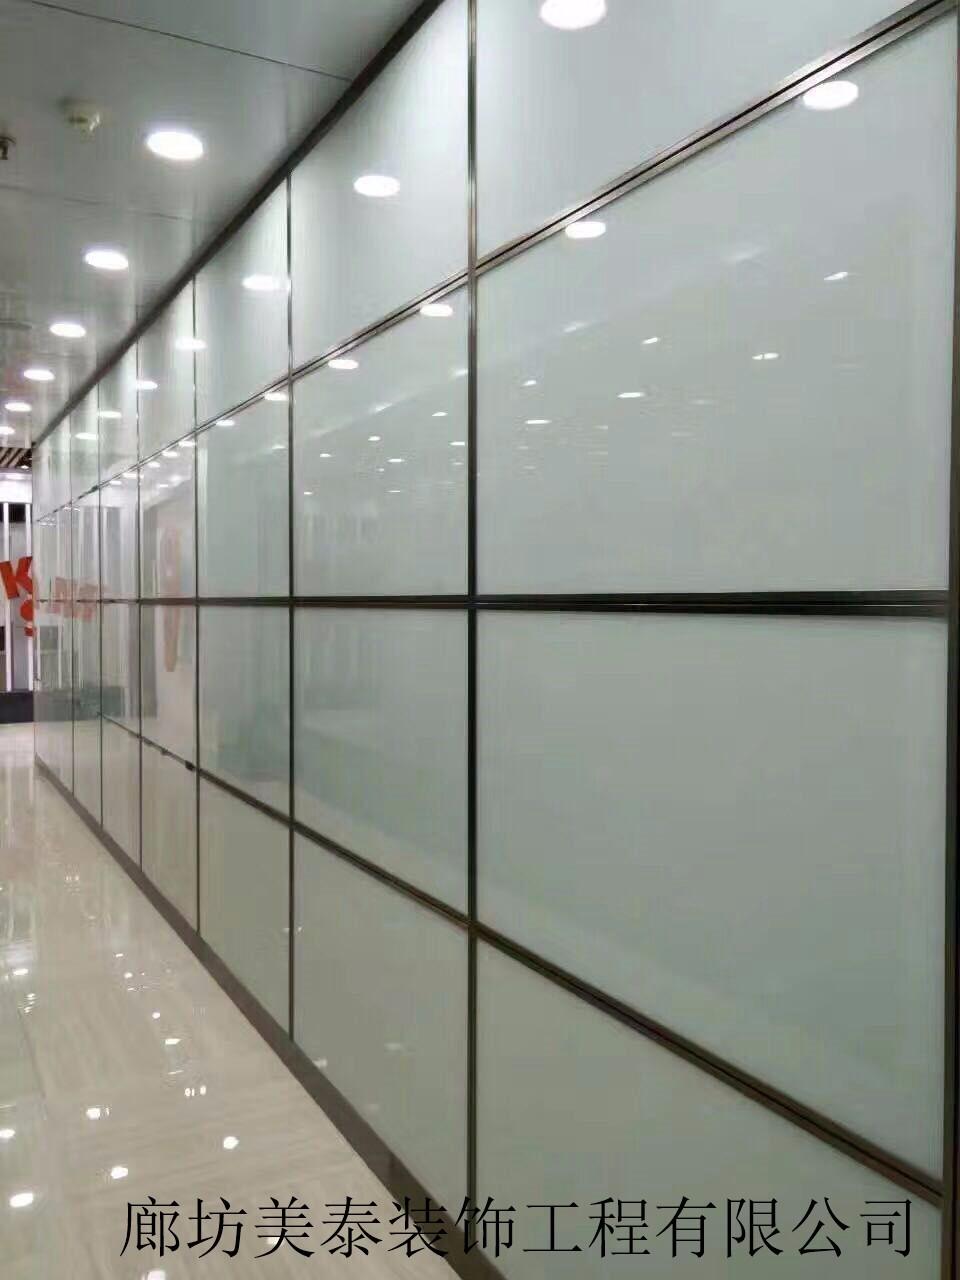 双玻多分格隔断|双玻多分格隔断-廊坊市美泰装饰工程有限公司